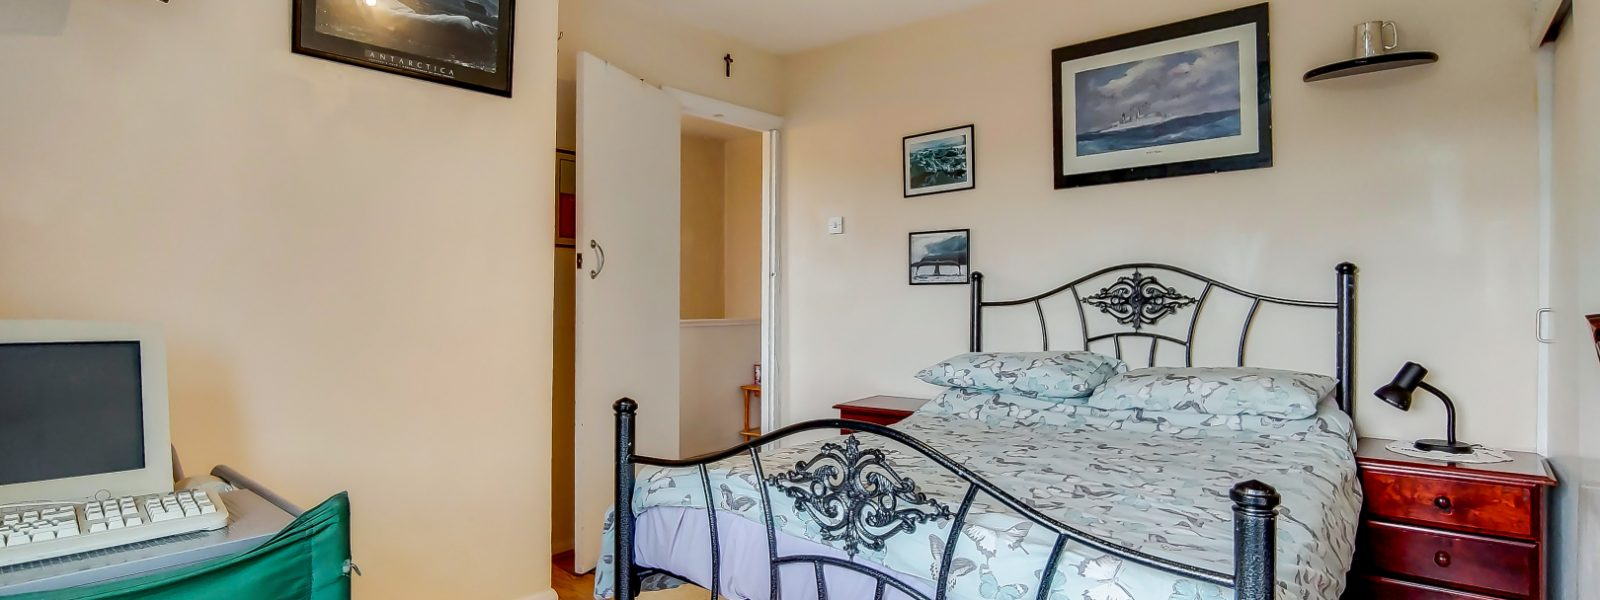 10_Bedroom 2-1